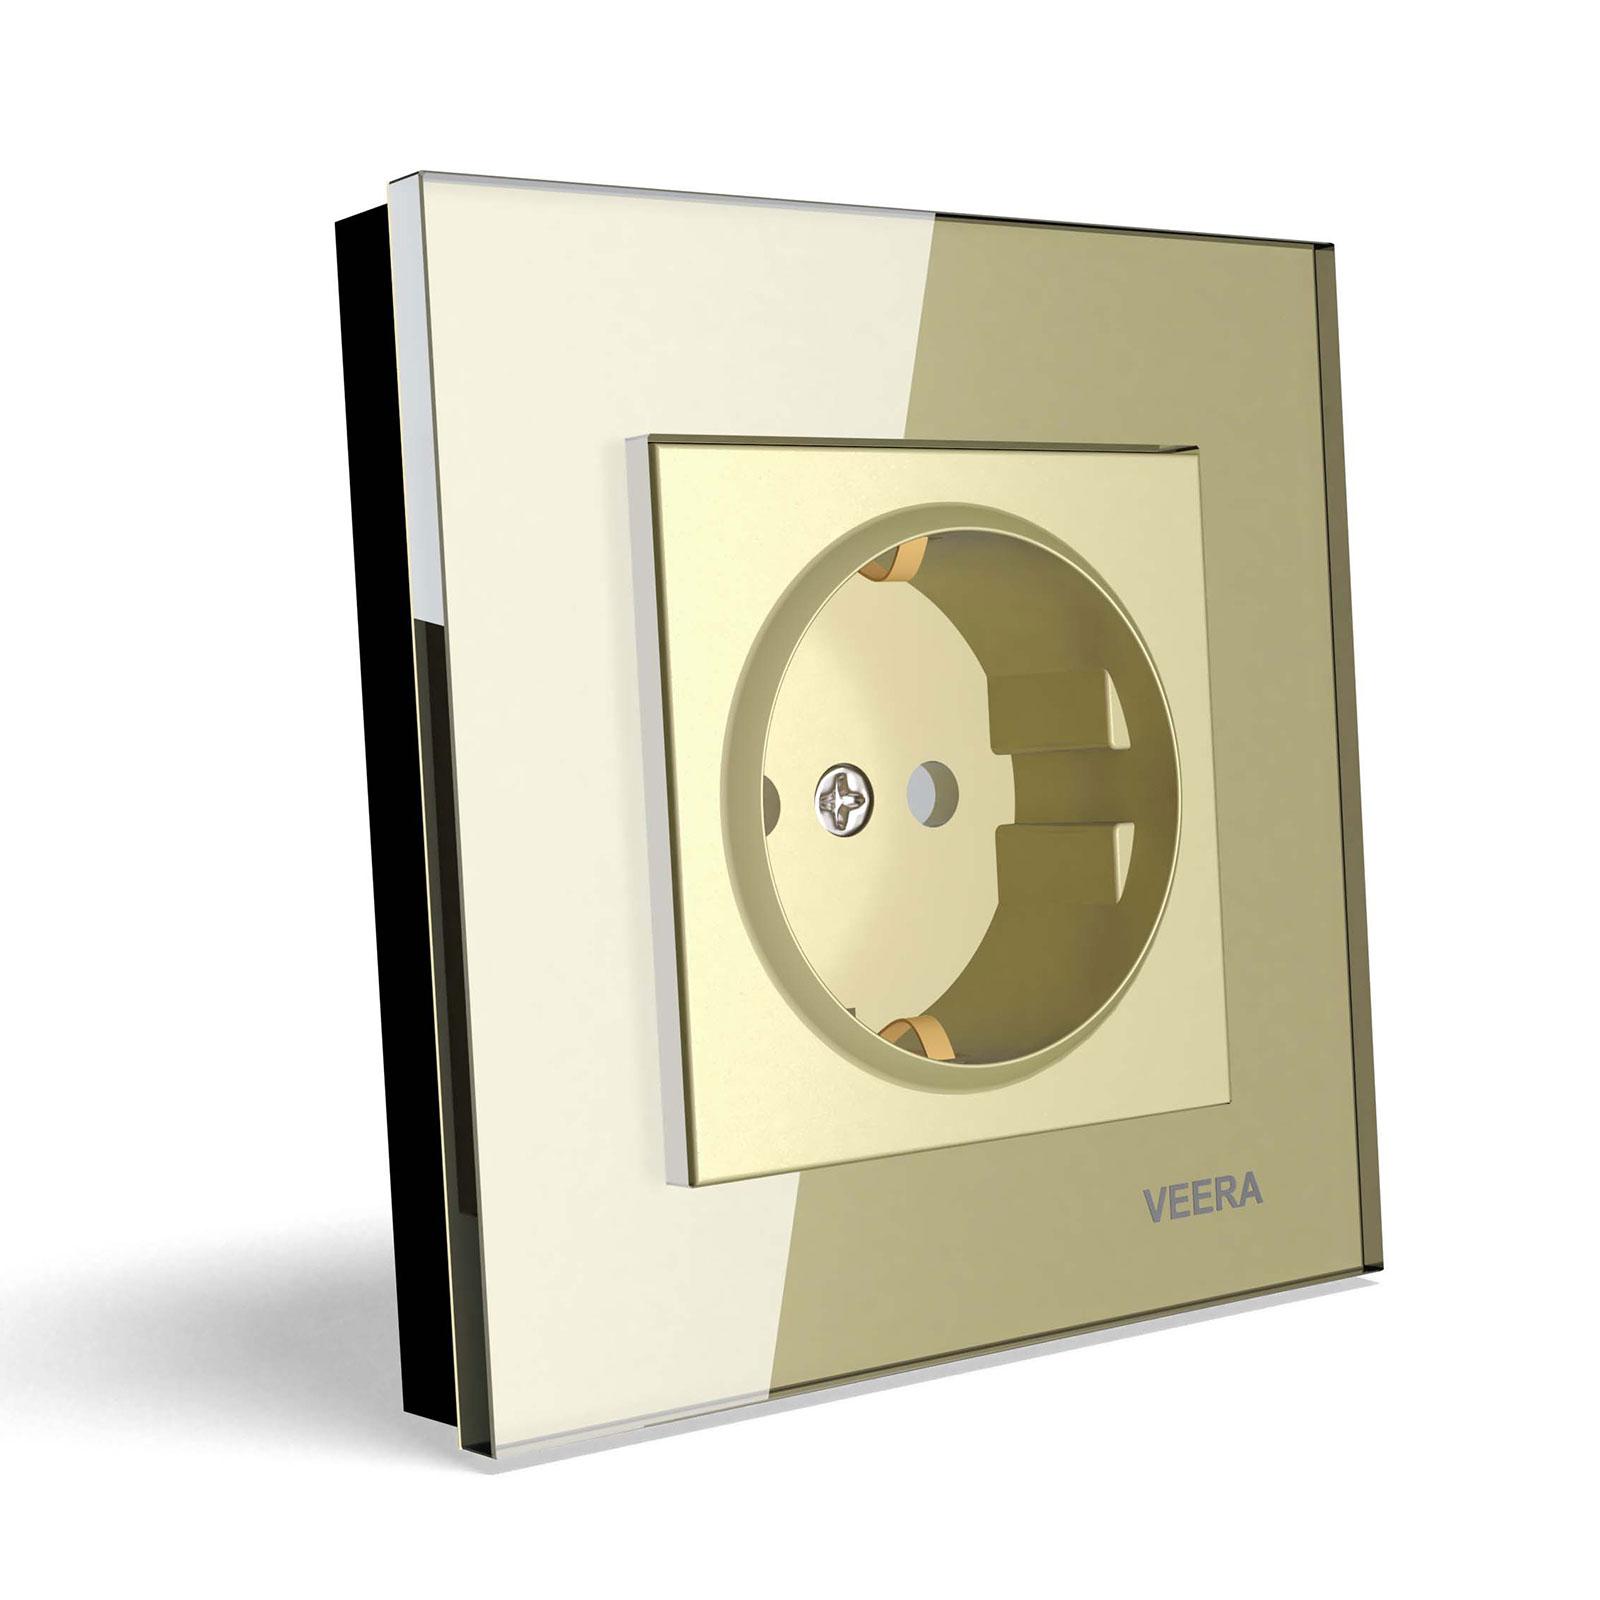 کلید دیمر ویرا مدل آلفا اسپرت